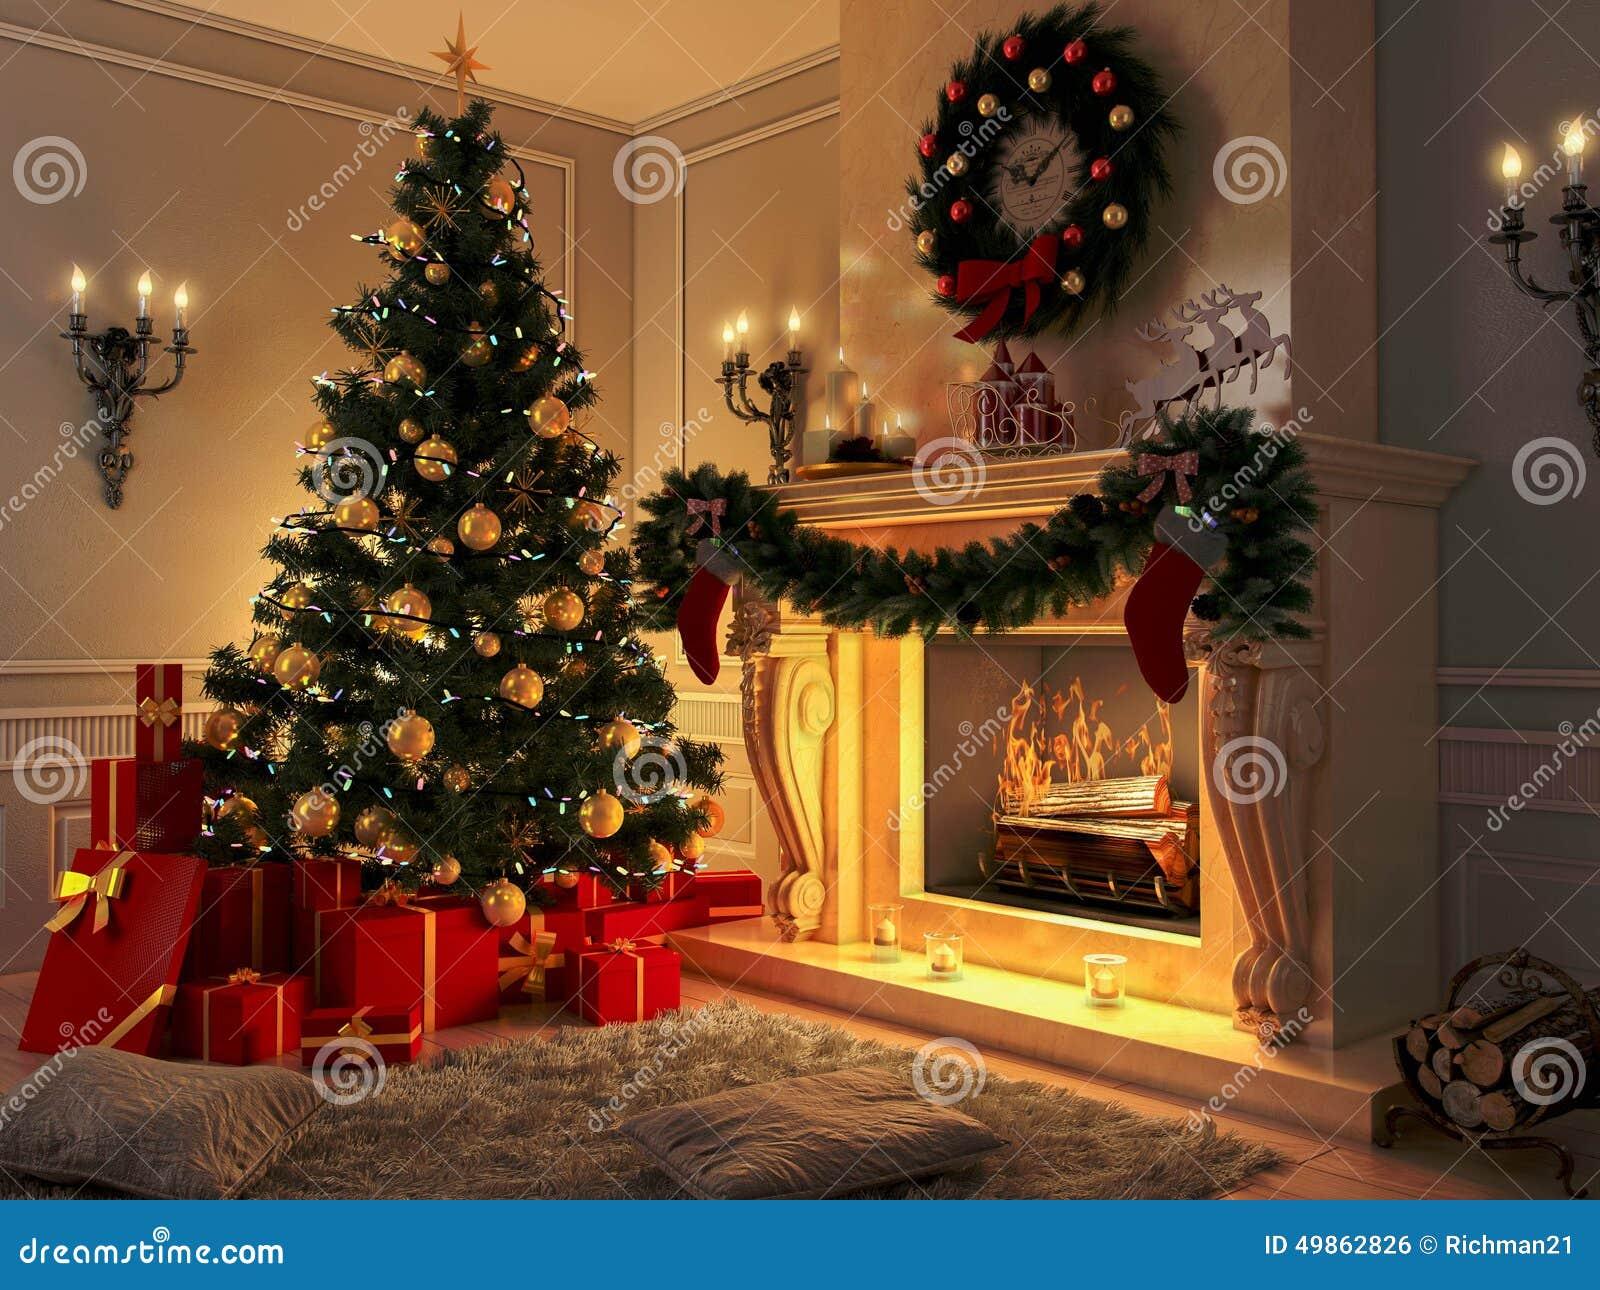 innenraum mit weihnachtsbaum geschenken und kamin postkarte stockfoto bild 49862826. Black Bedroom Furniture Sets. Home Design Ideas